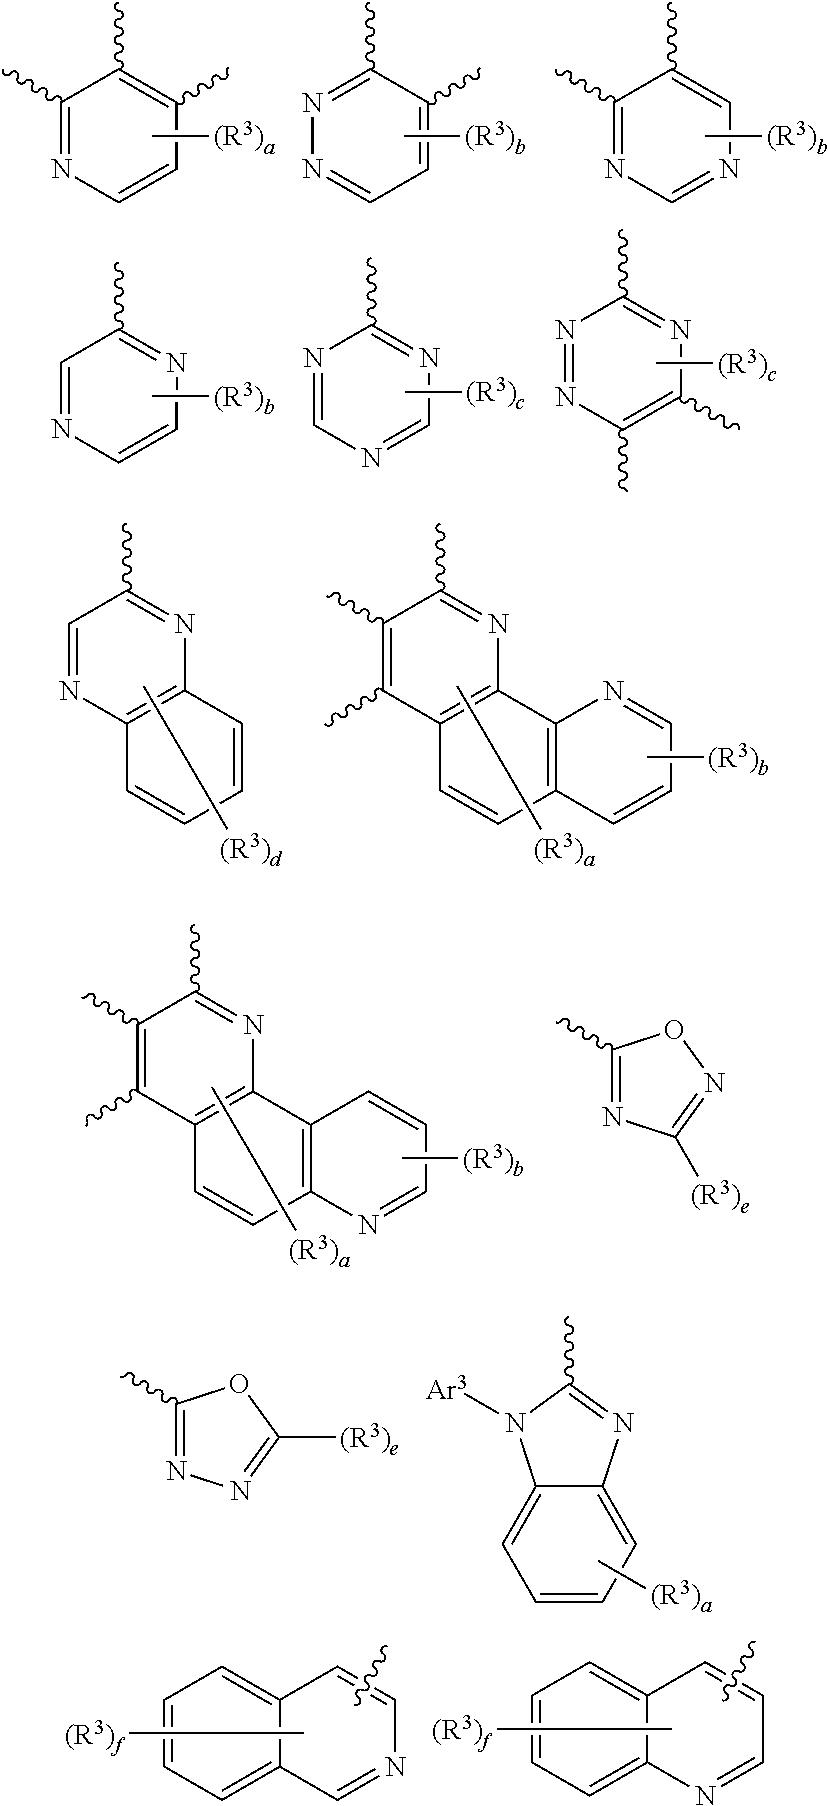 Figure US09496506-20161115-C00003